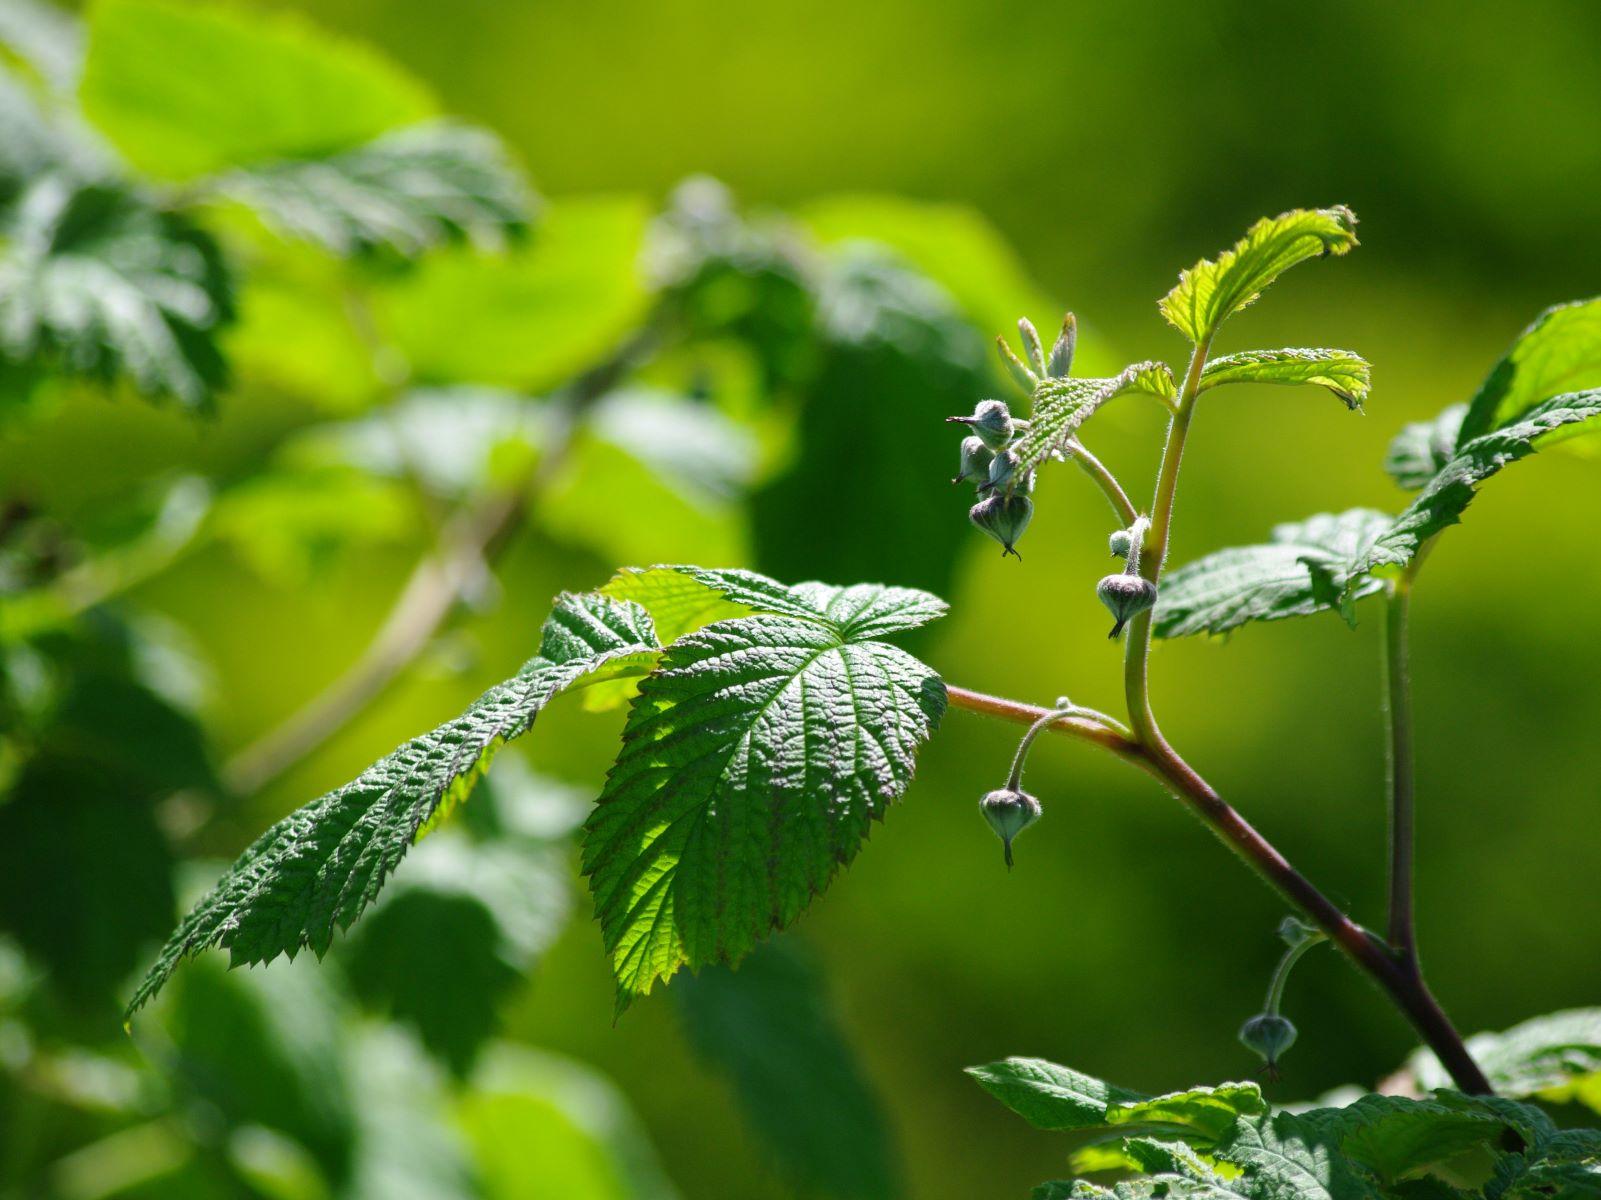 Mai - Les fleurs des Framboisiers naîtront bientôt de leurs bourgeons